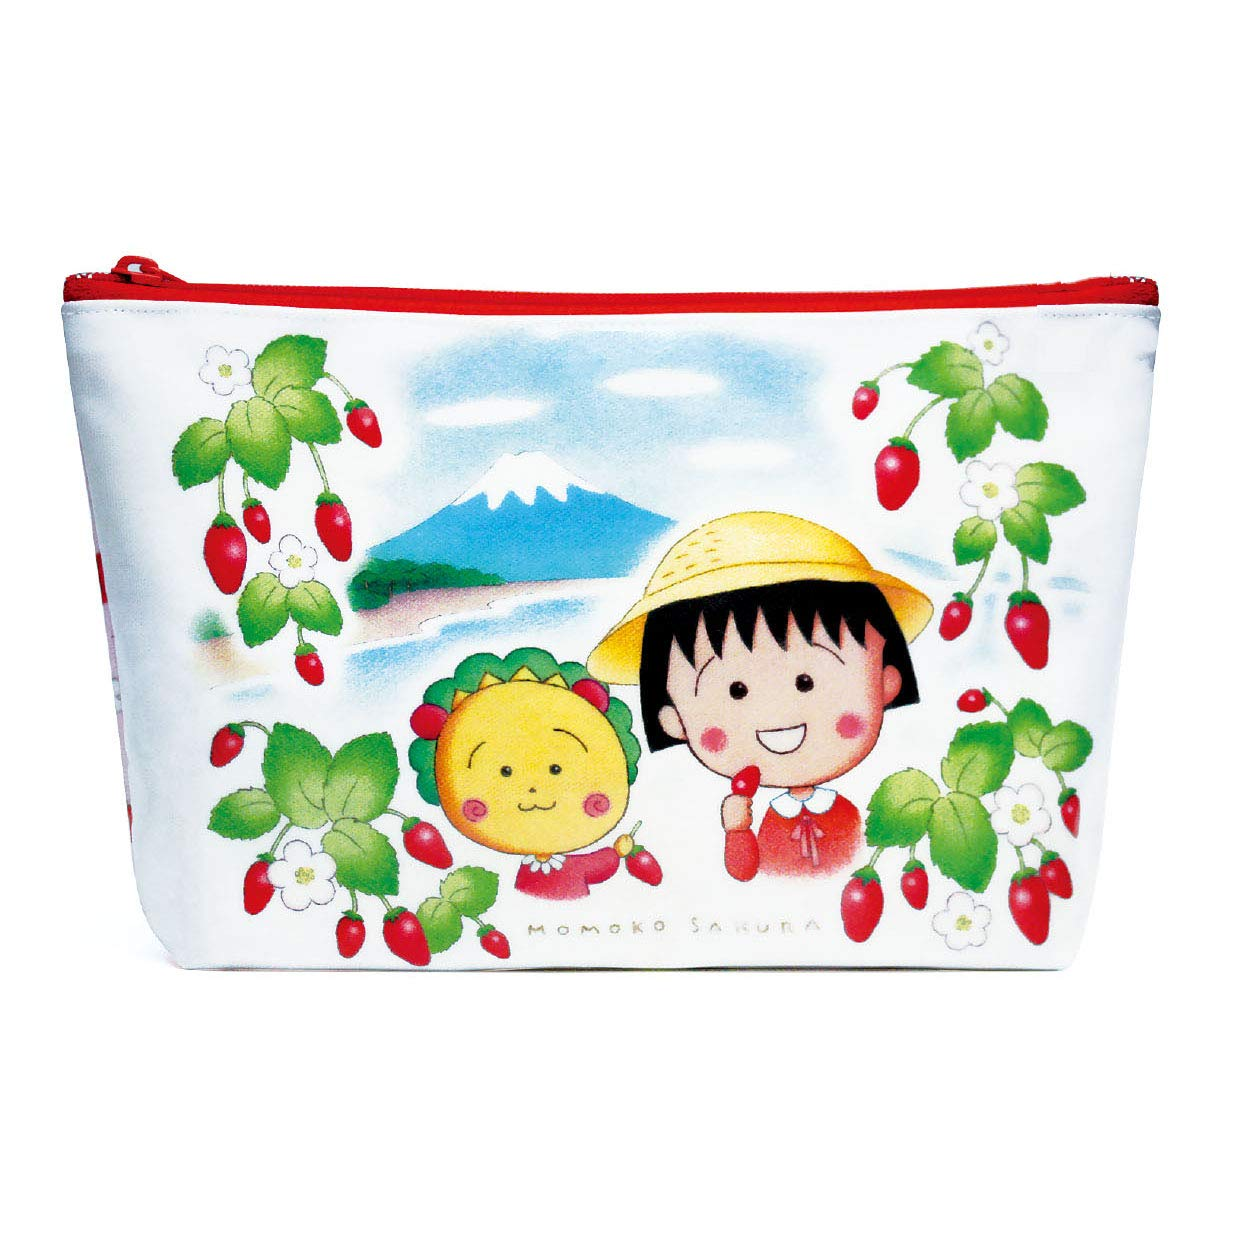 收納包 日本 櫻桃小丸子 花 草莓 拉鍊收納袋 筆袋 日本進口正版授權